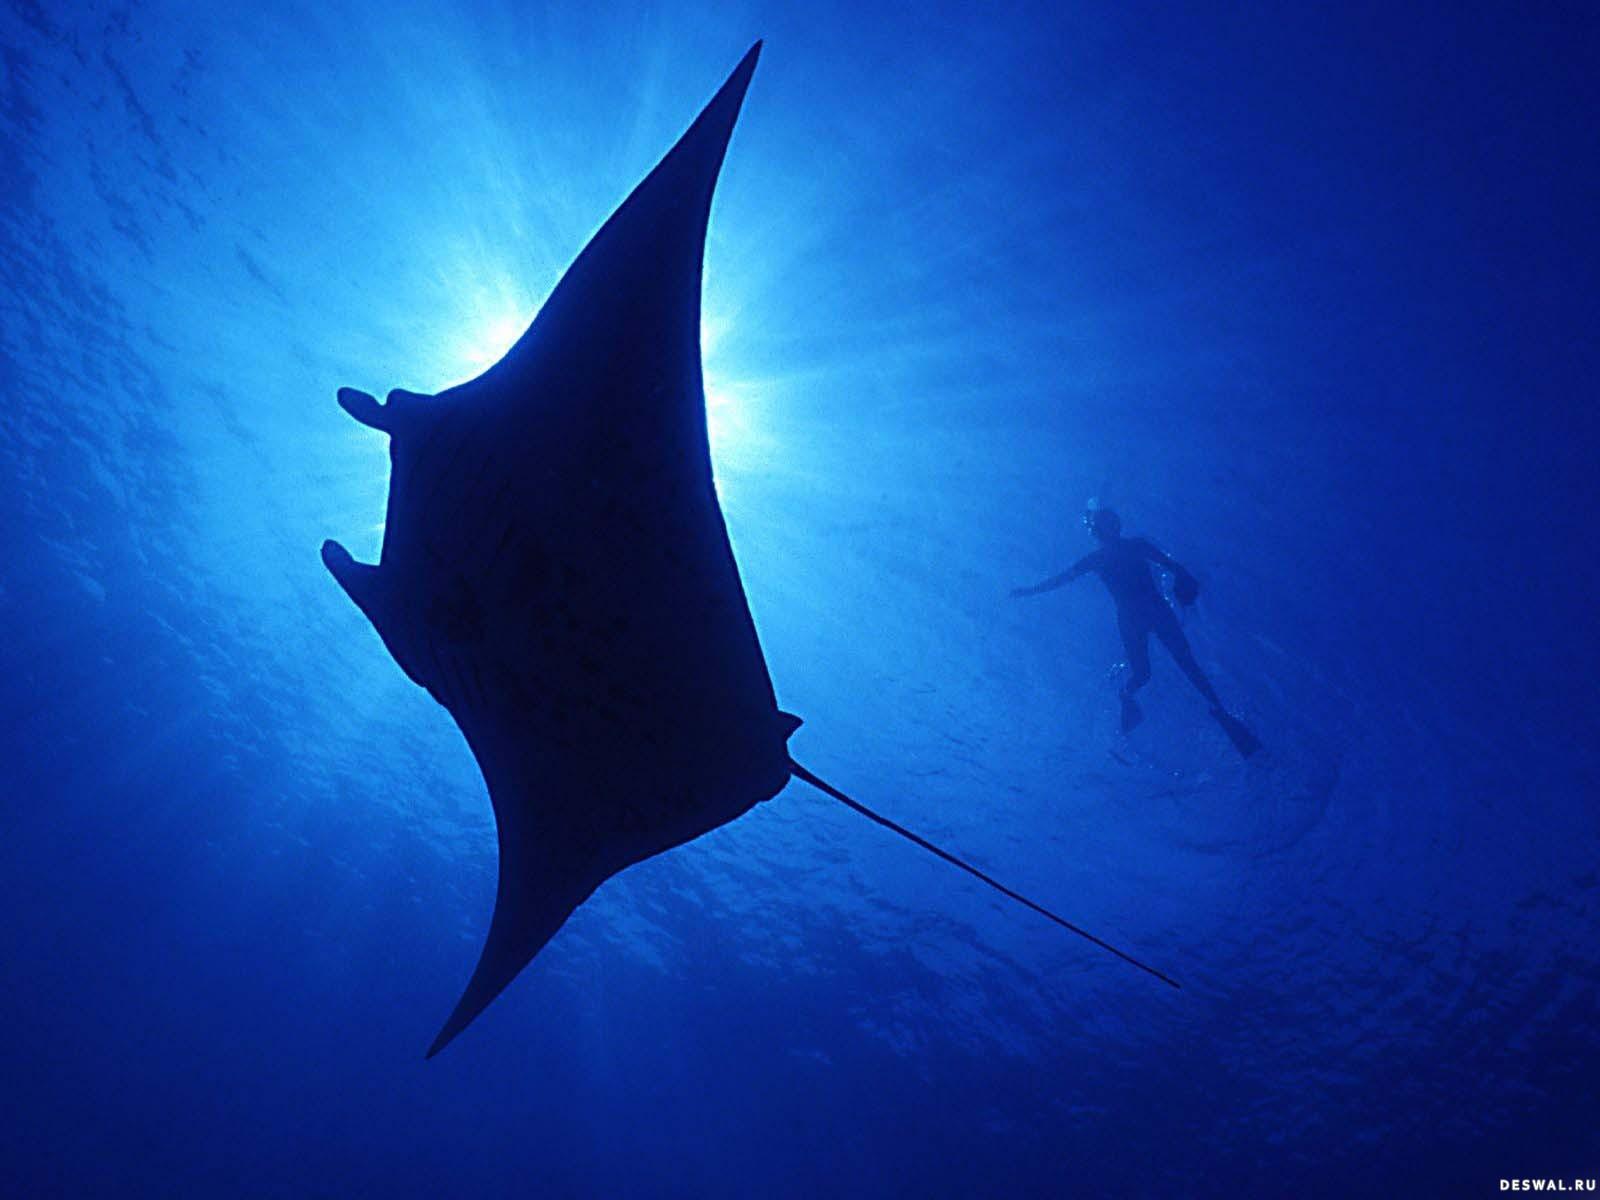 Фото 9. Нажмите на картинку с обоями подводного мира, чтобы просмотреть ее в реальном размере